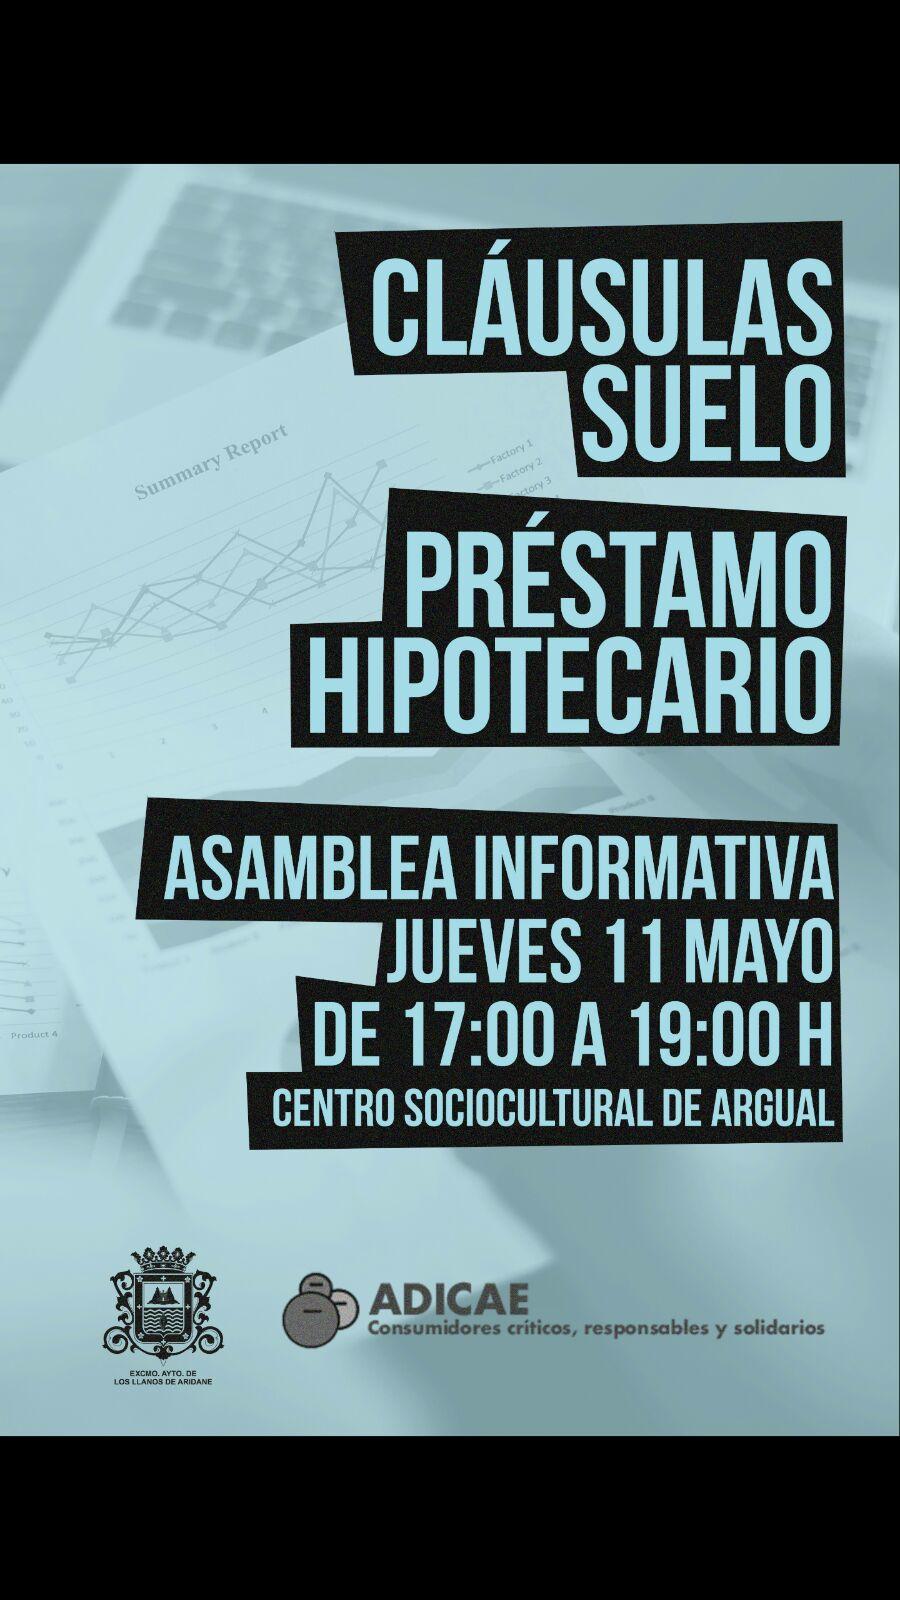 Los llanos acoge unas jornadas informativas sobre for Clausula suelo mayo 2017